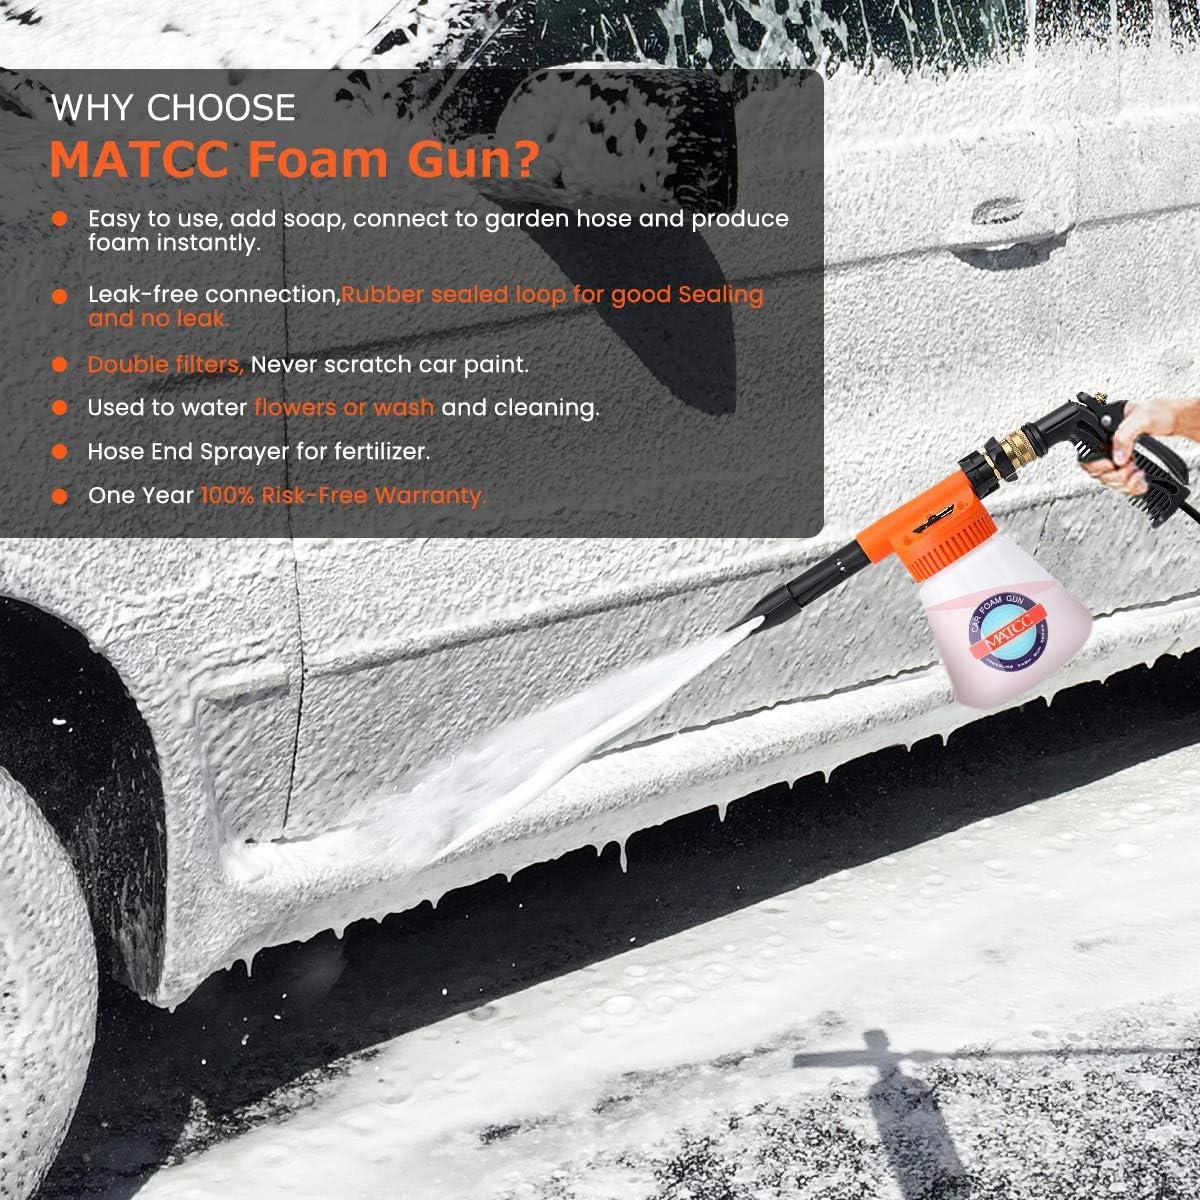 Matcc Auto Schaumkanone Blaster Und Schlauch Schaumsprüher Schaumdüse Sprühgerät Mit Einstellverhältnis Einstellrad Passen Gartenschlauch Für Auto Hausreinigung 0 23 Gallonen Flasche Baumarkt